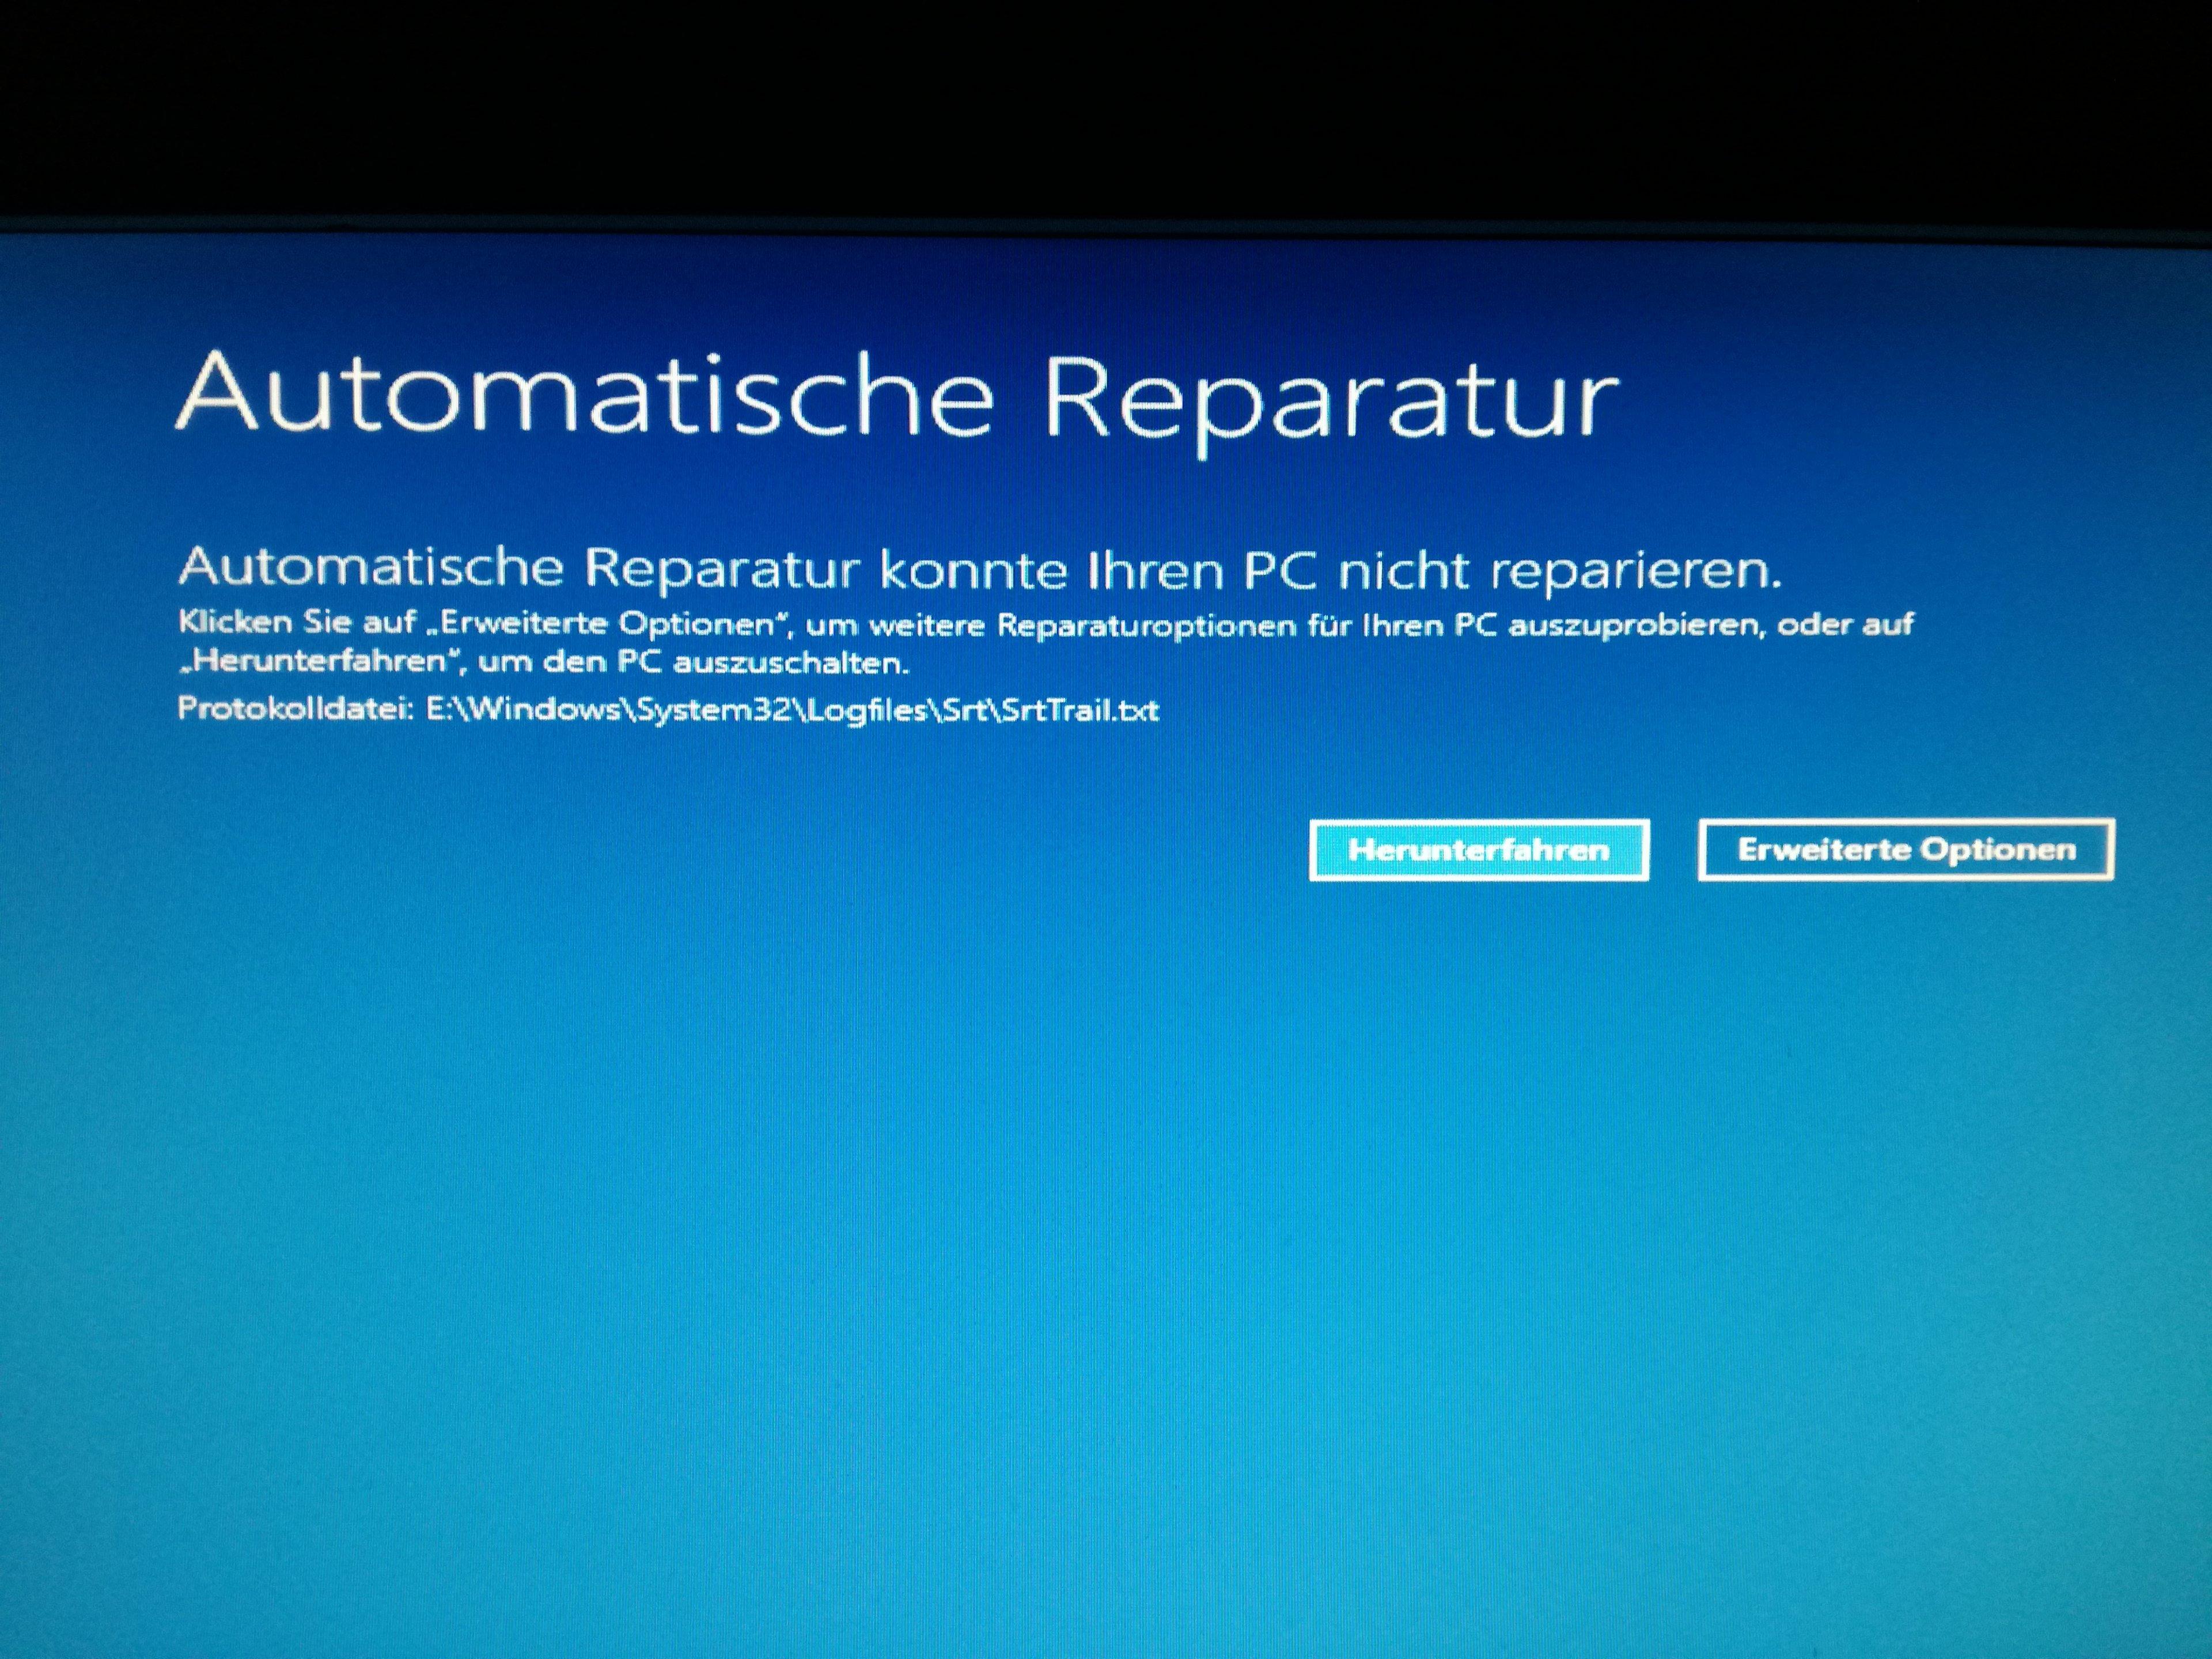 Windows Minianwendungen Funktioniert Nicht Mehr